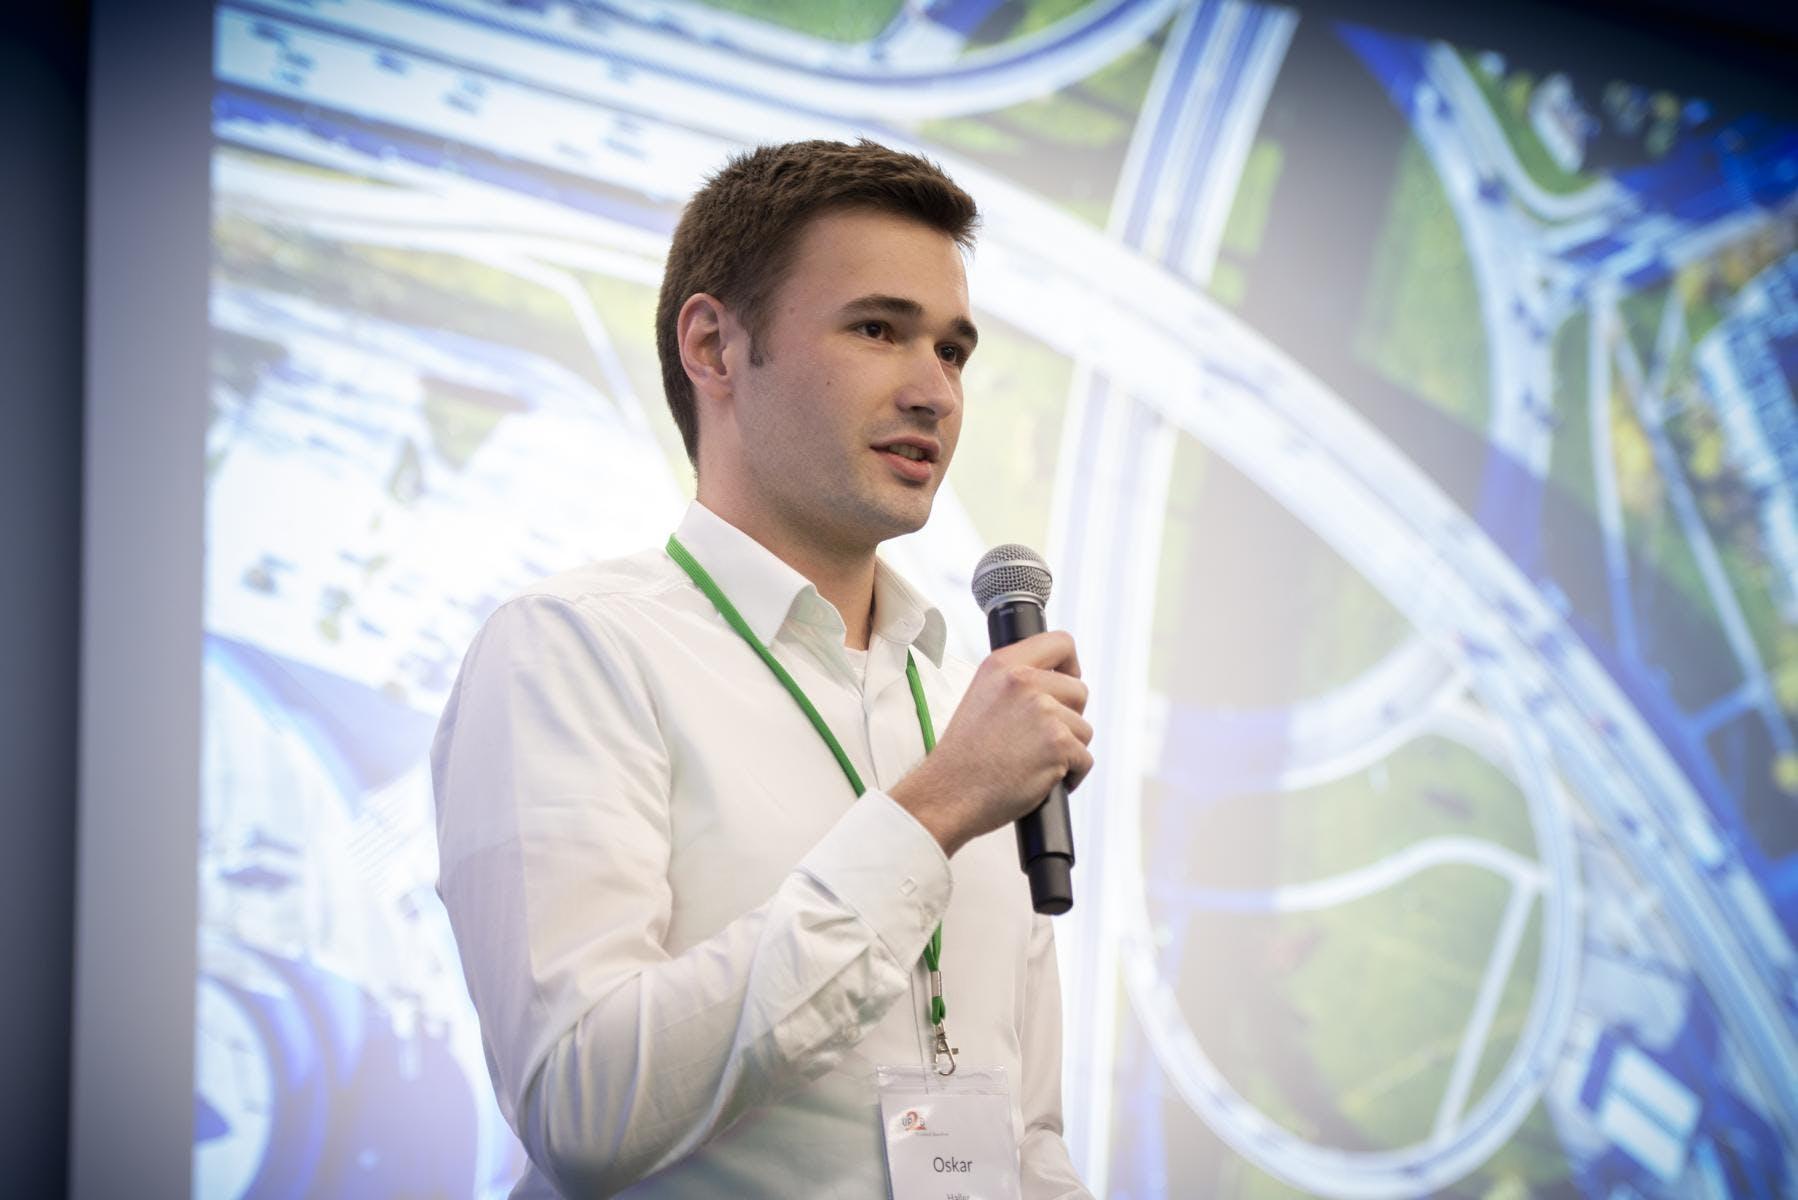 Oskar Haller - CEO